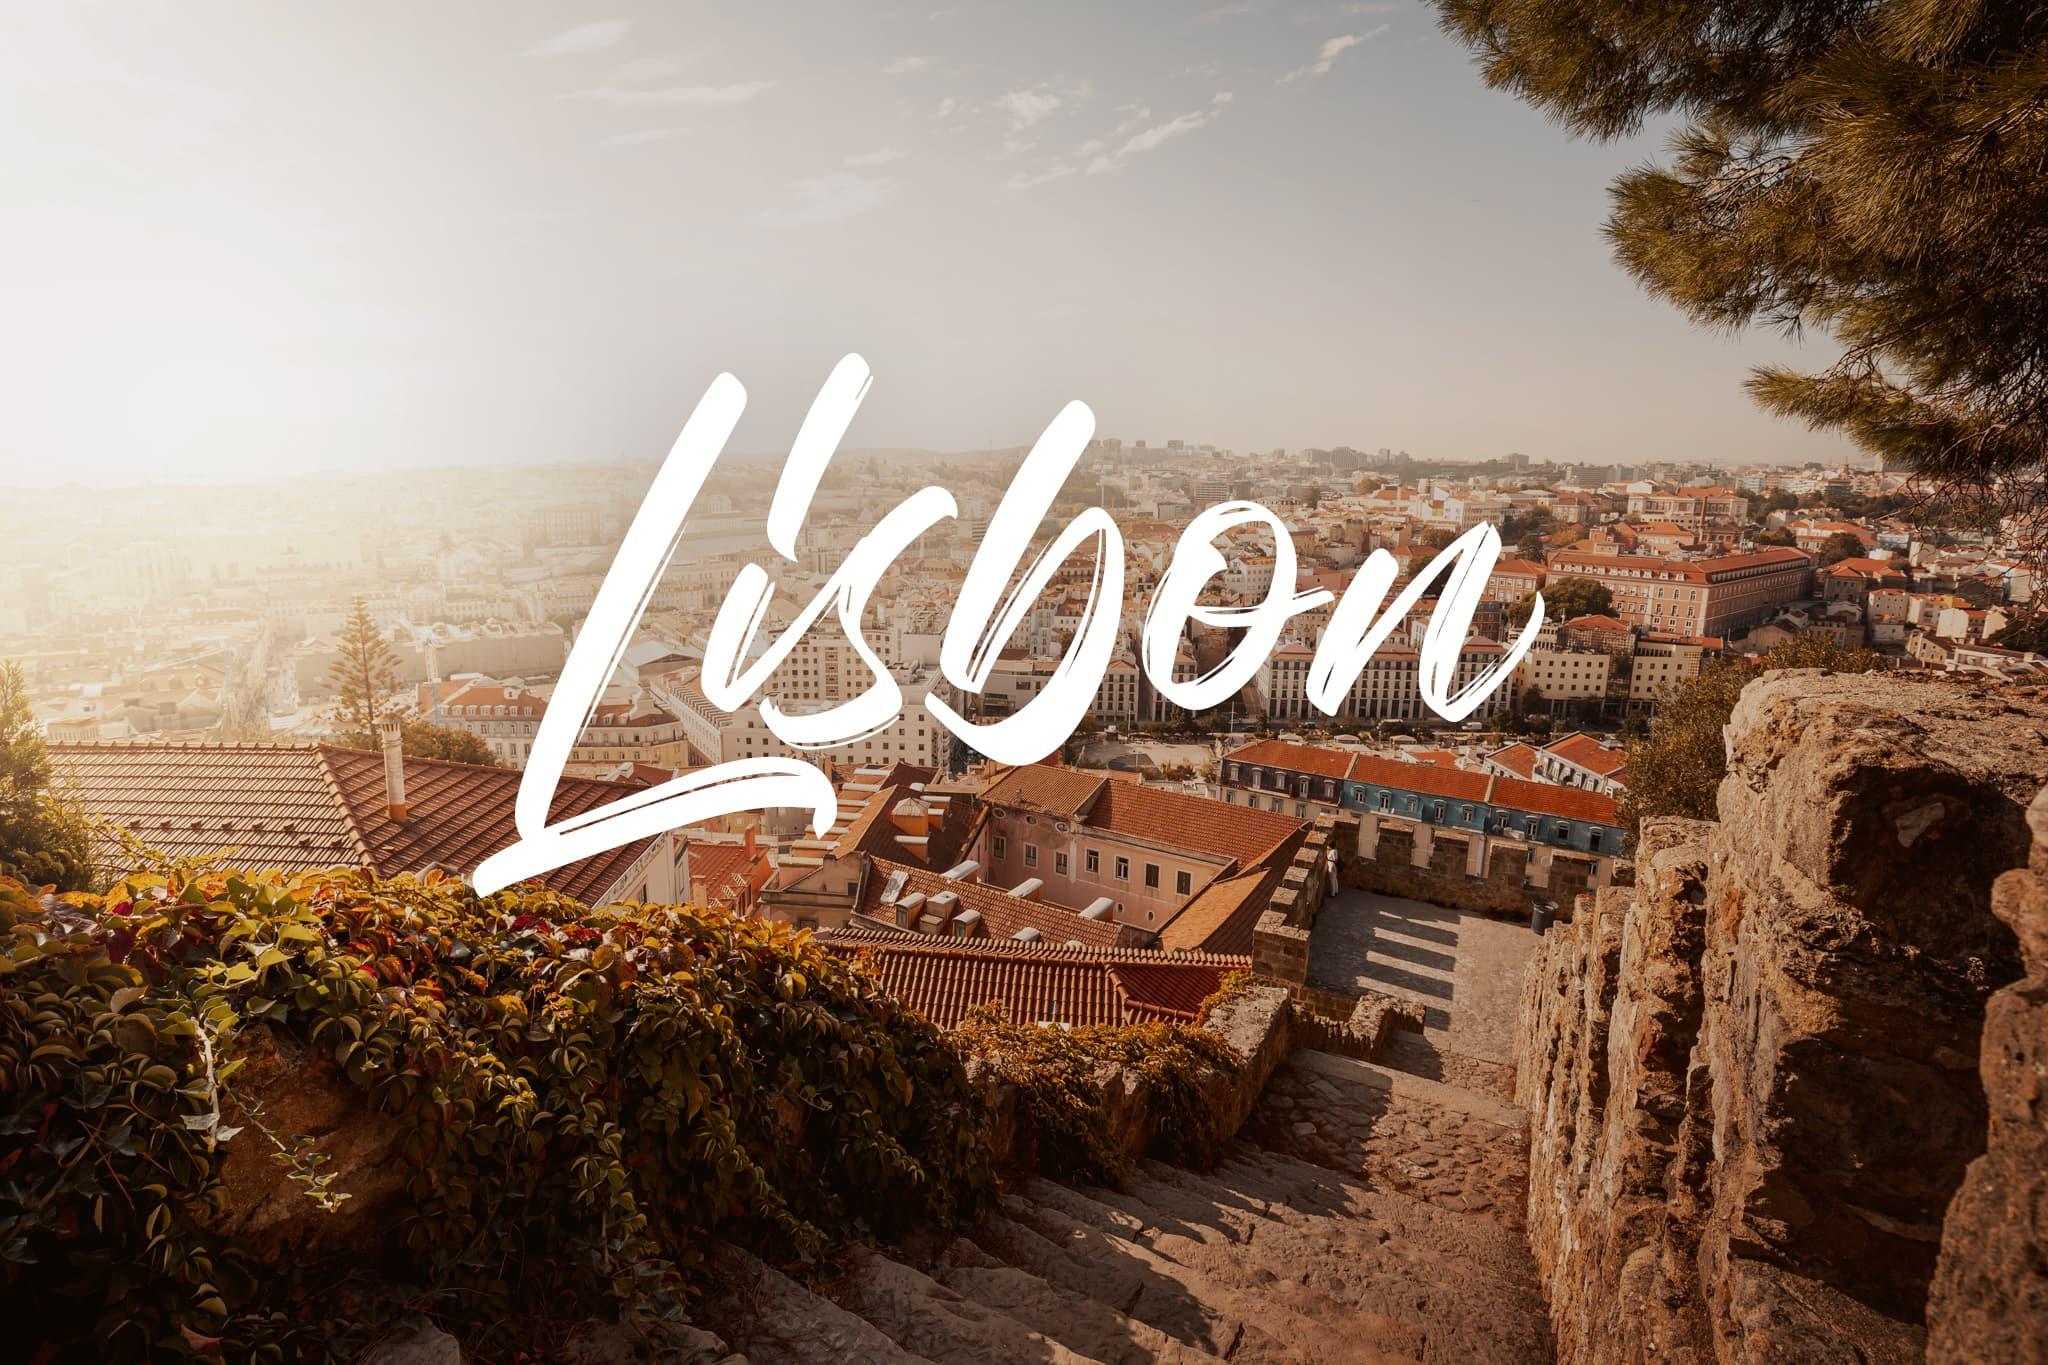 View of Lisbon city center from Castelo de São Jorge, Portugal, Europe